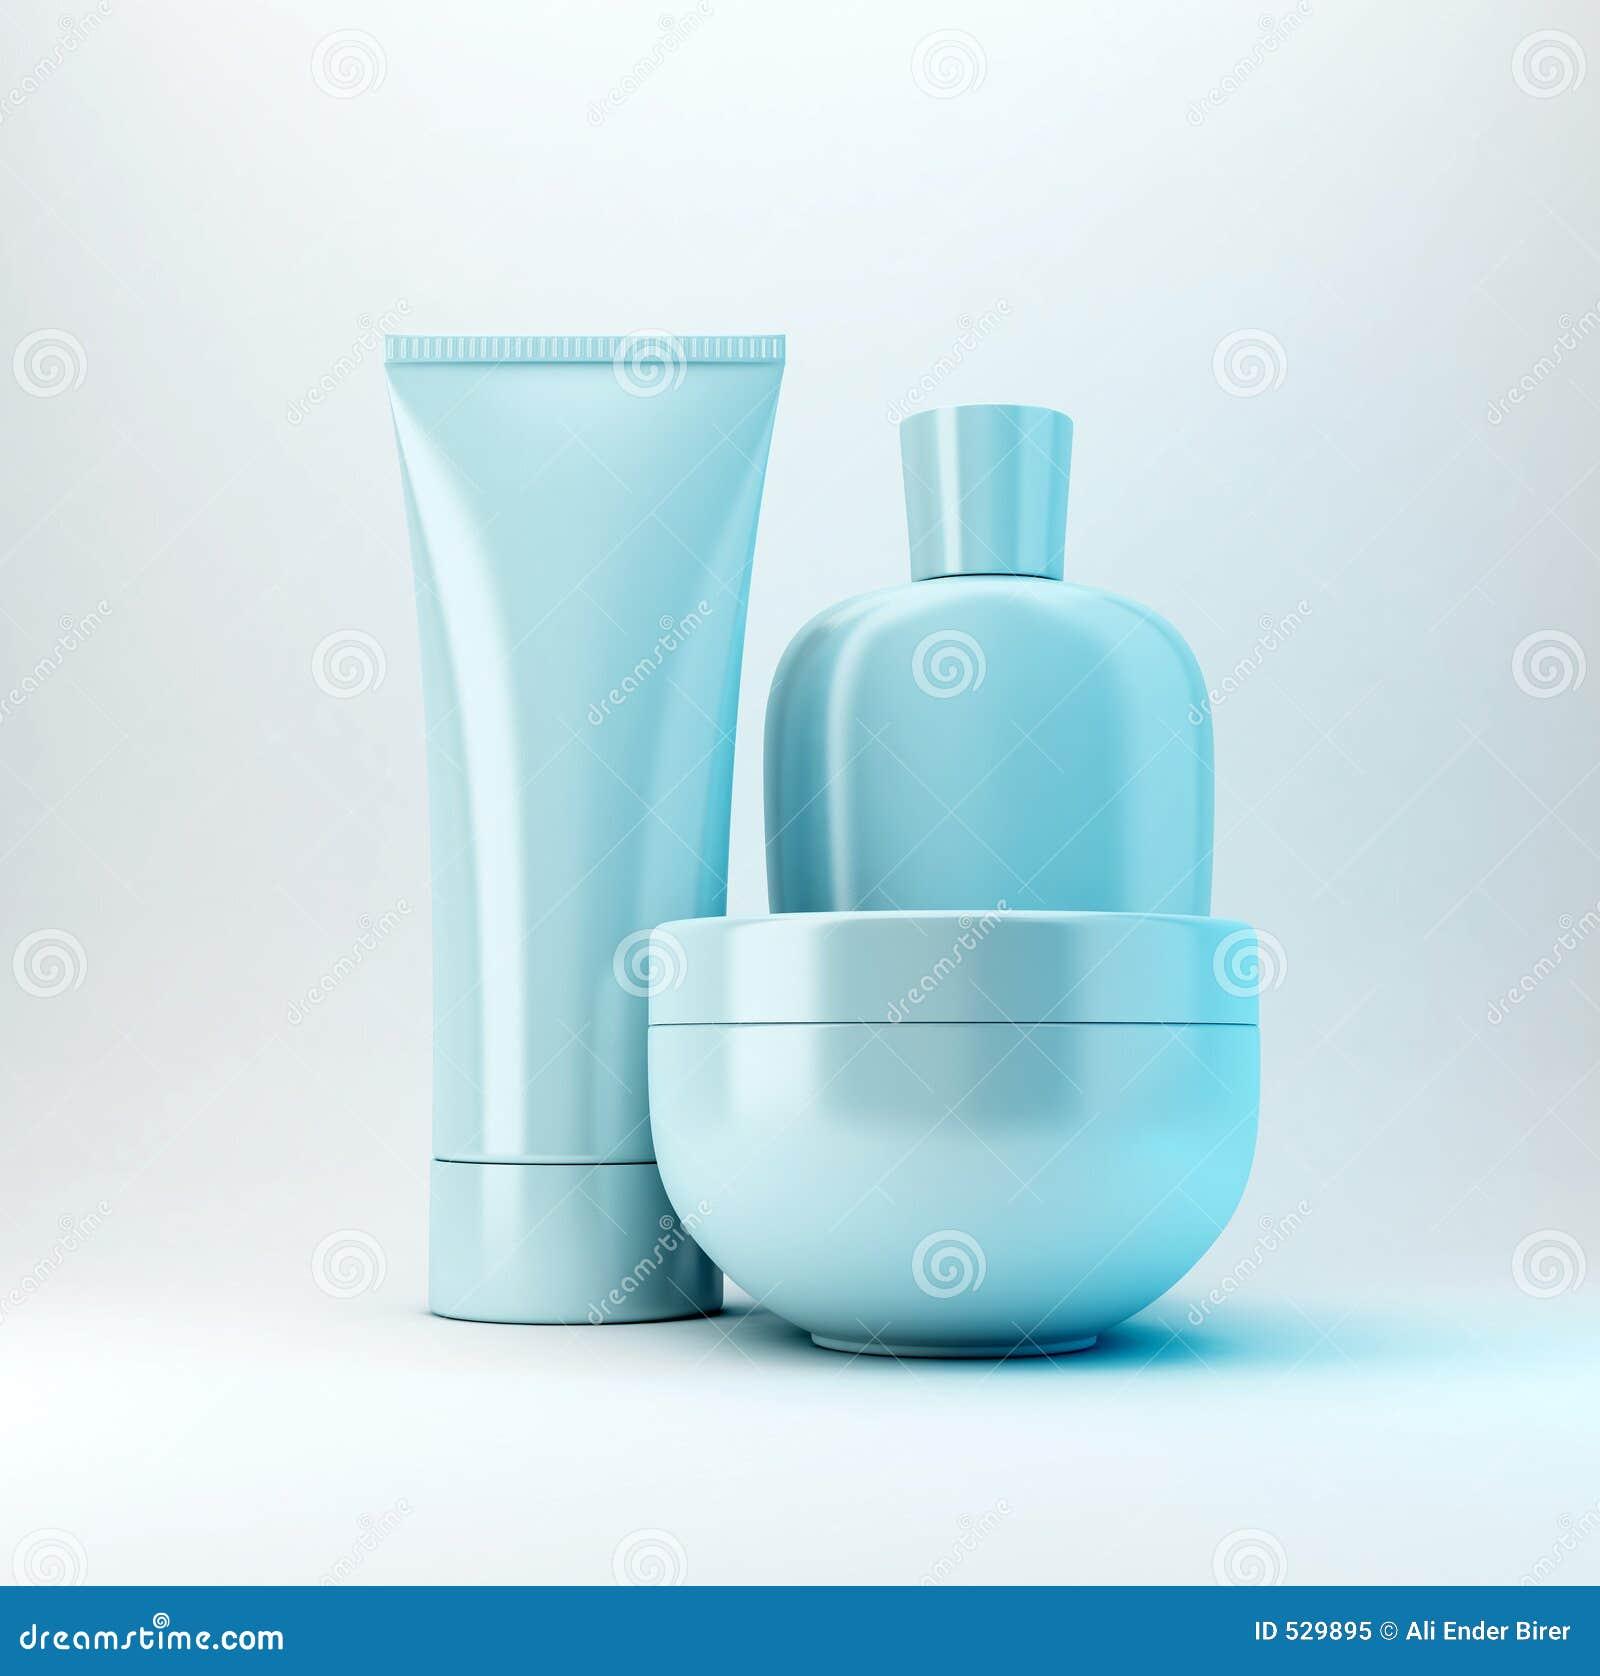 3 kosmetiska produkter